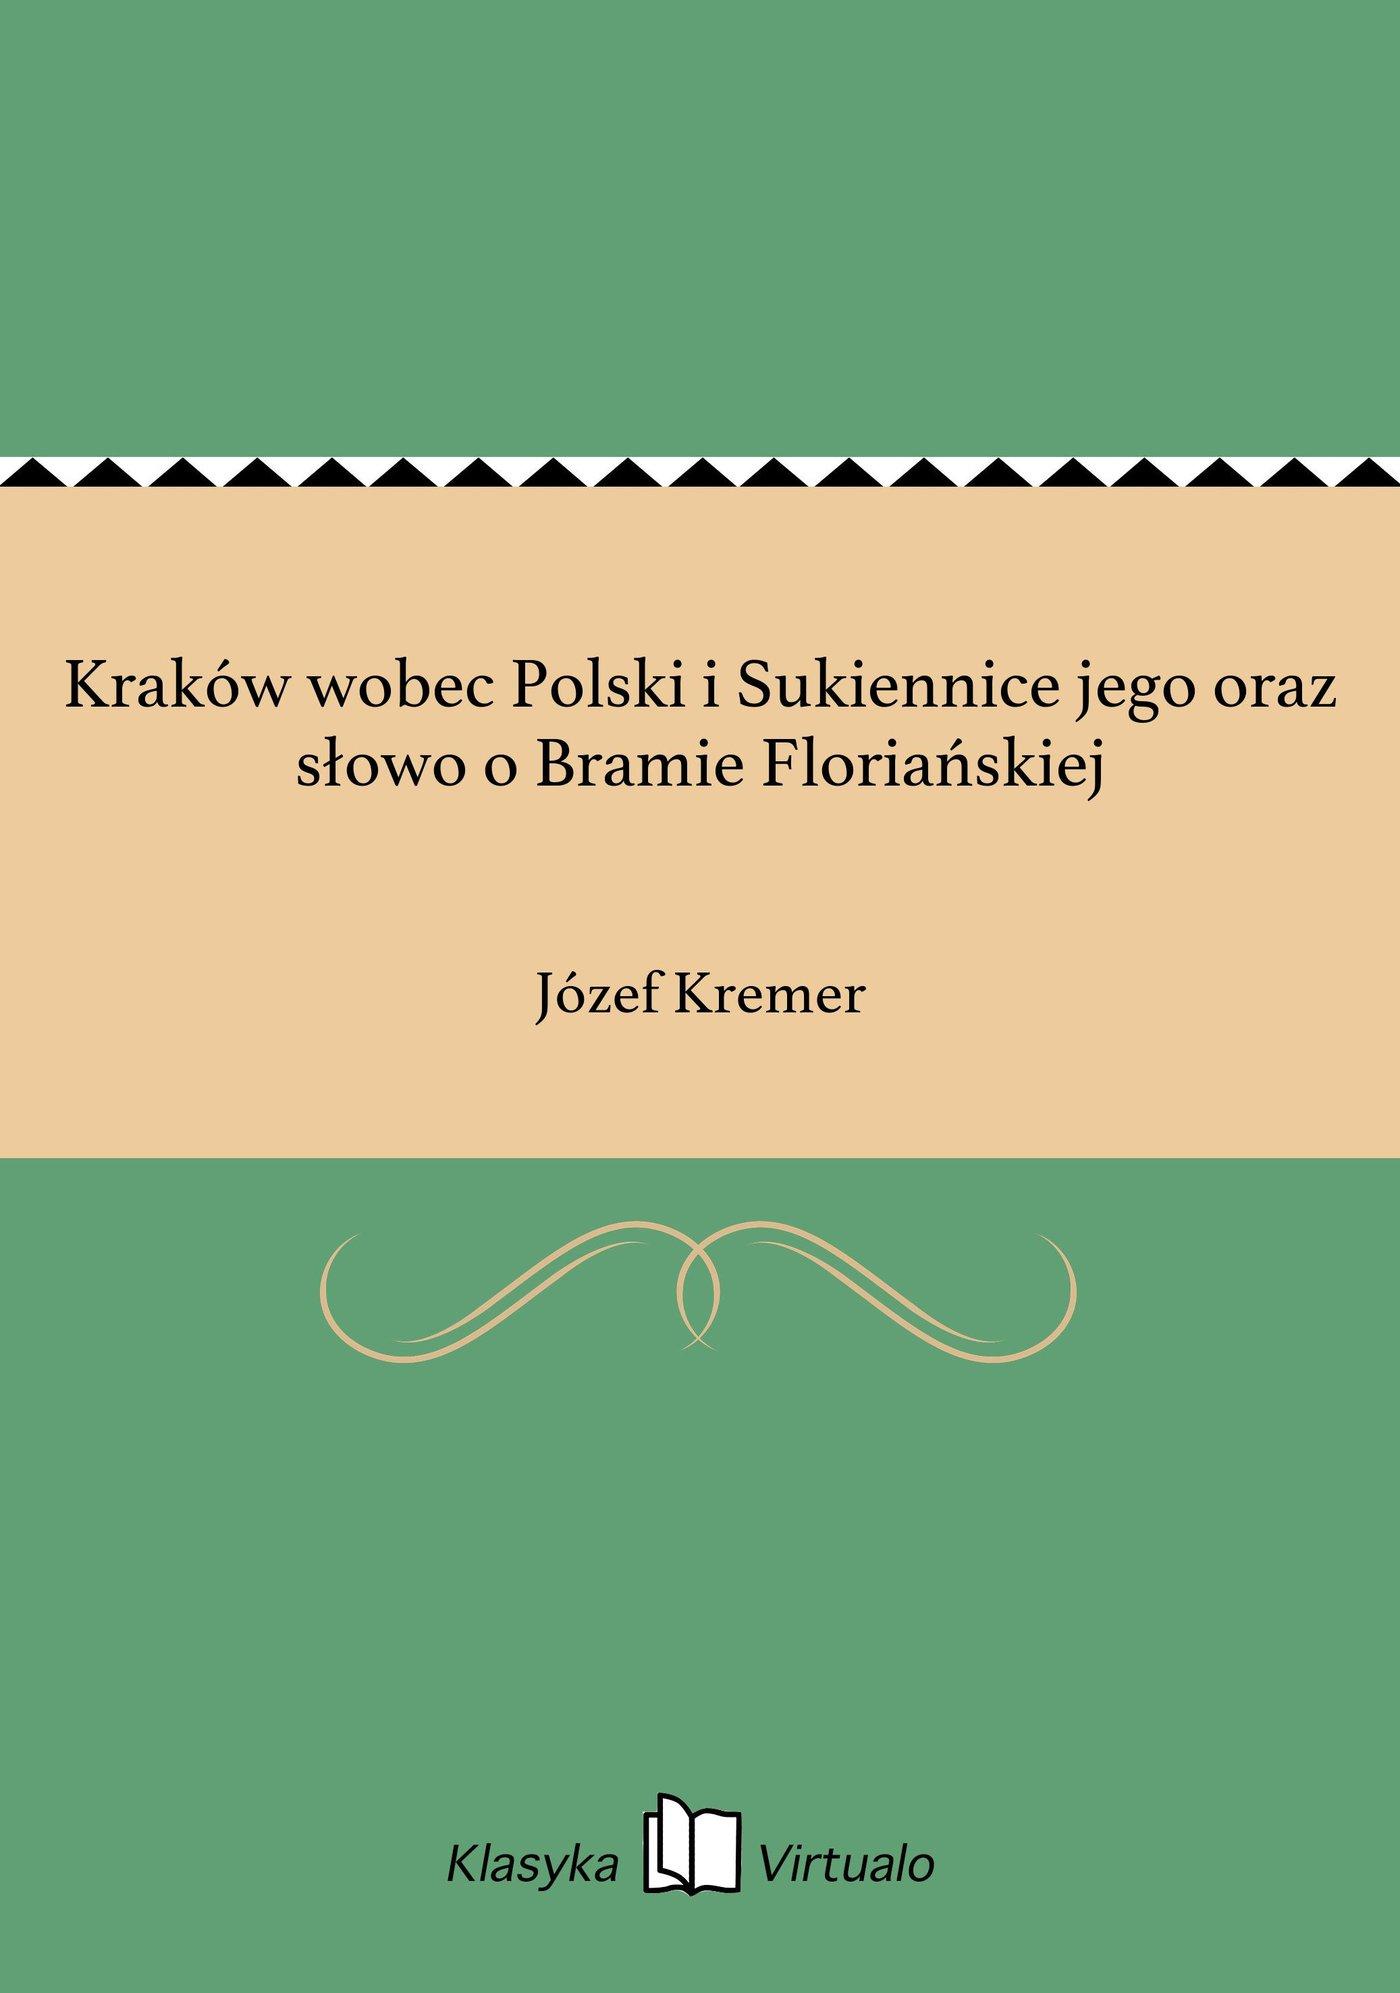 Kraków wobec Polski i Sukiennice jego oraz słowo o Bramie Floriańskiej - Ebook (Książka EPUB) do pobrania w formacie EPUB